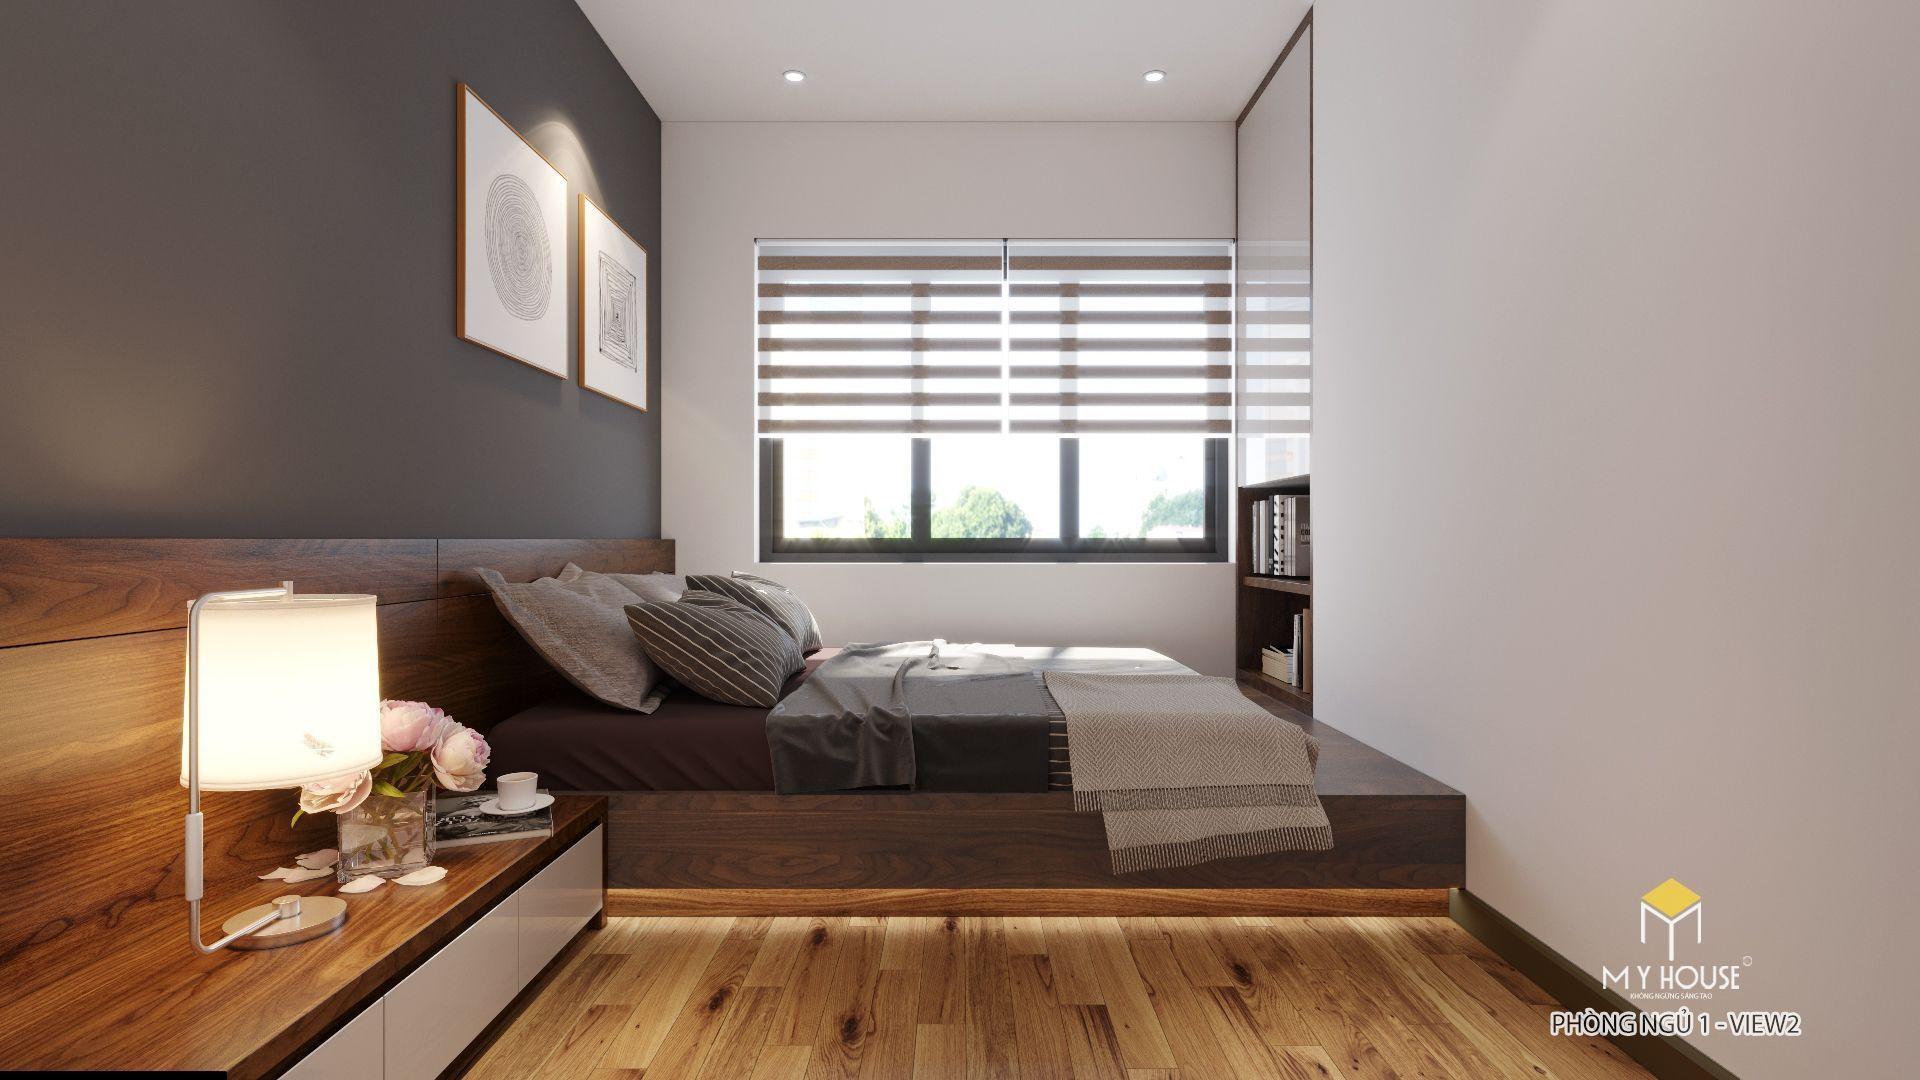 Nội thất phòng ngủ cao cấp- view 3